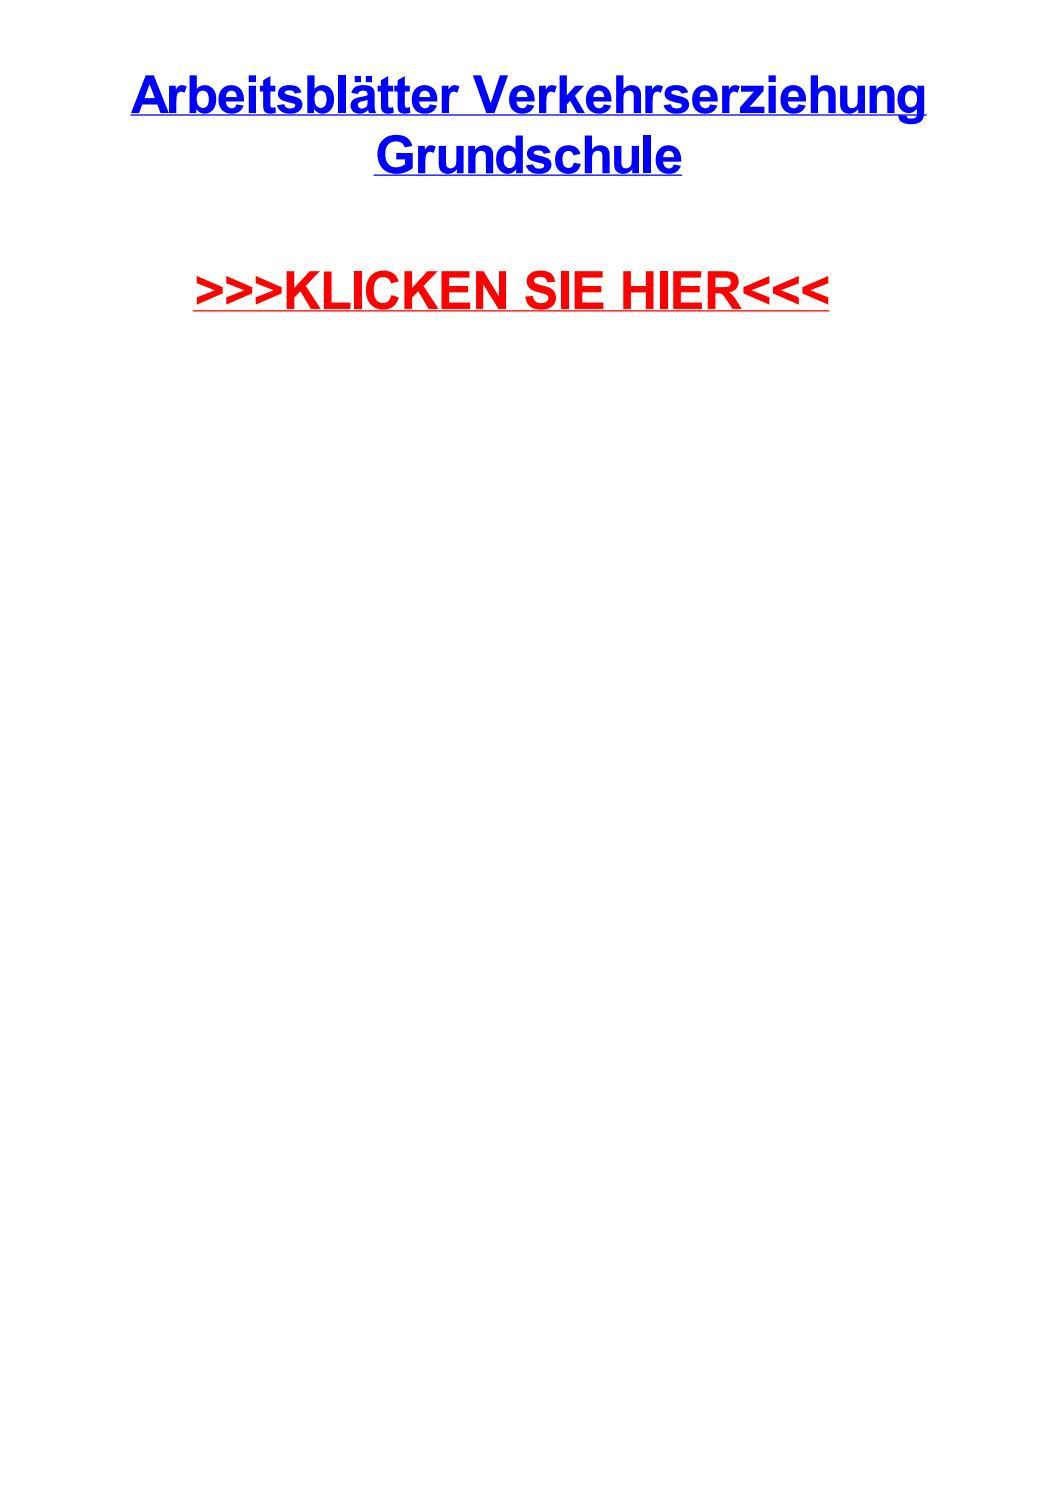 Beste Logarithmus Arbeitsblatt Mit Antworten Zeitgenössisch ...